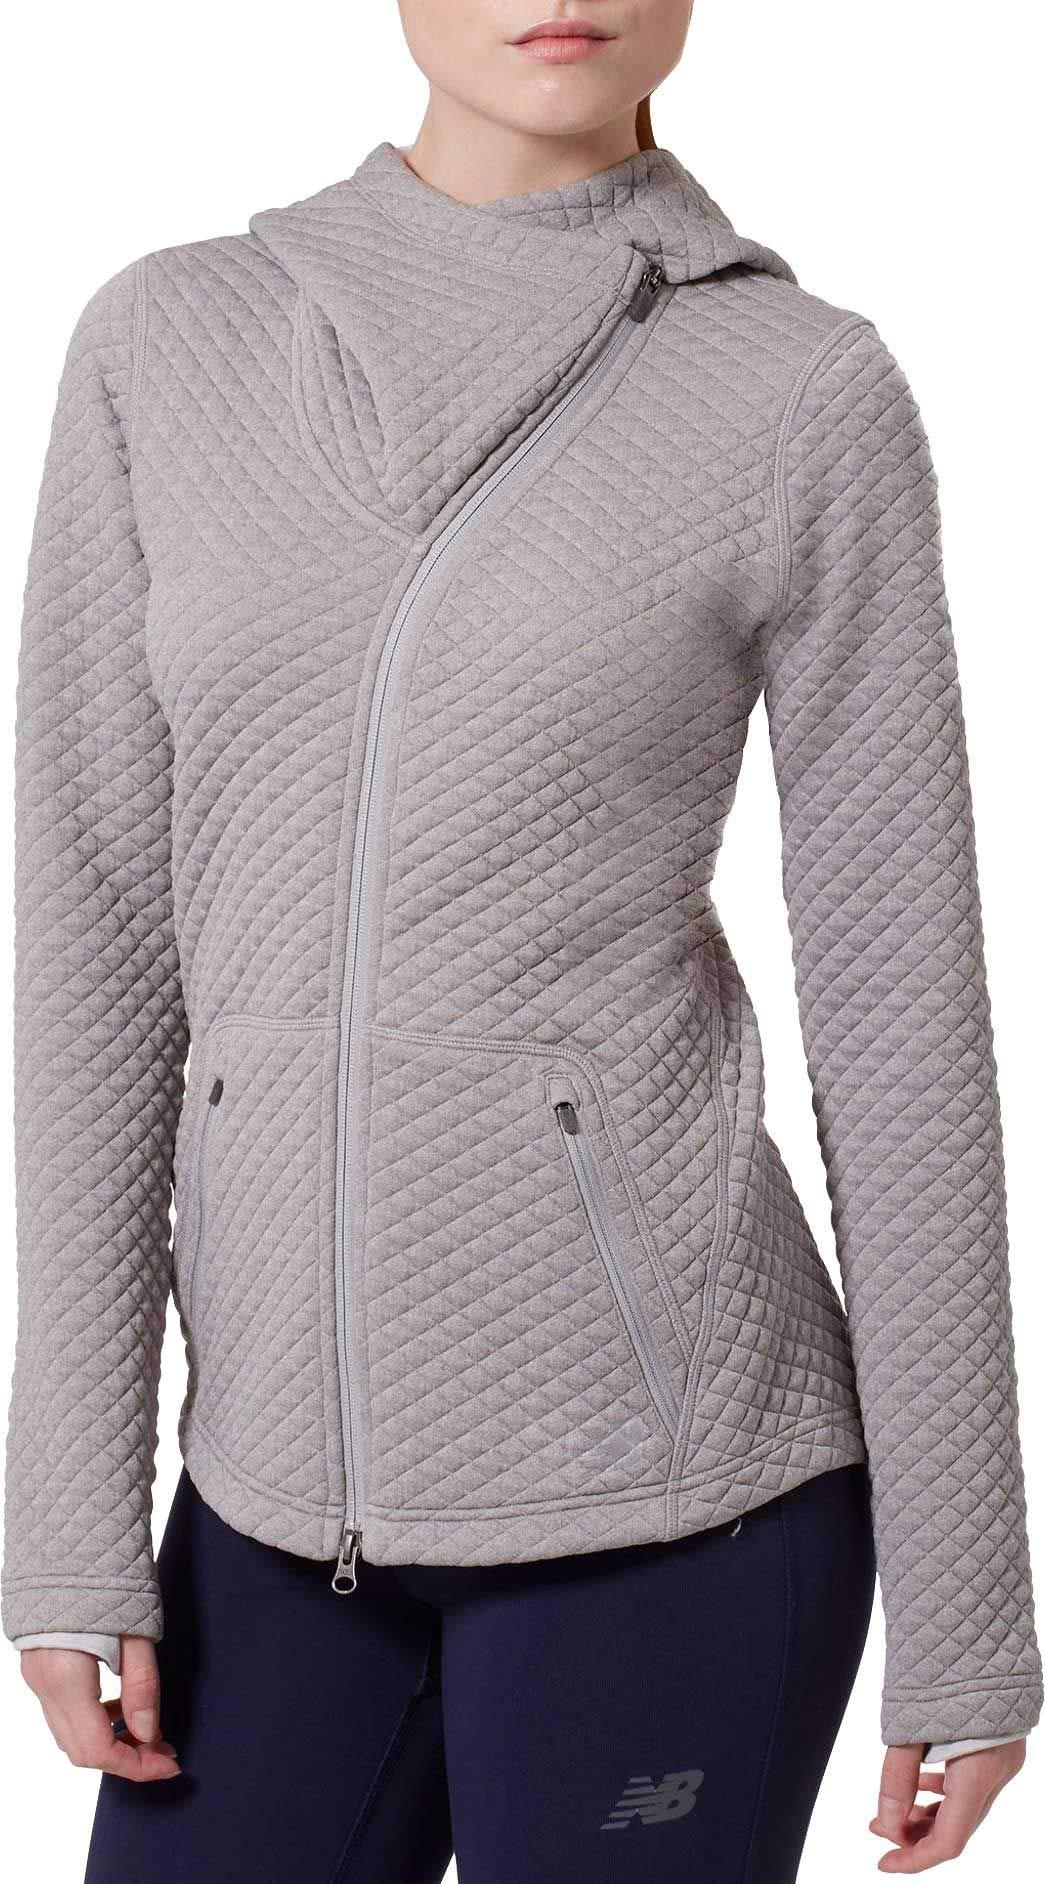 New Balance Women's Heat Loft Asymmetrical Full-Zip Jacket (XS, Grey)